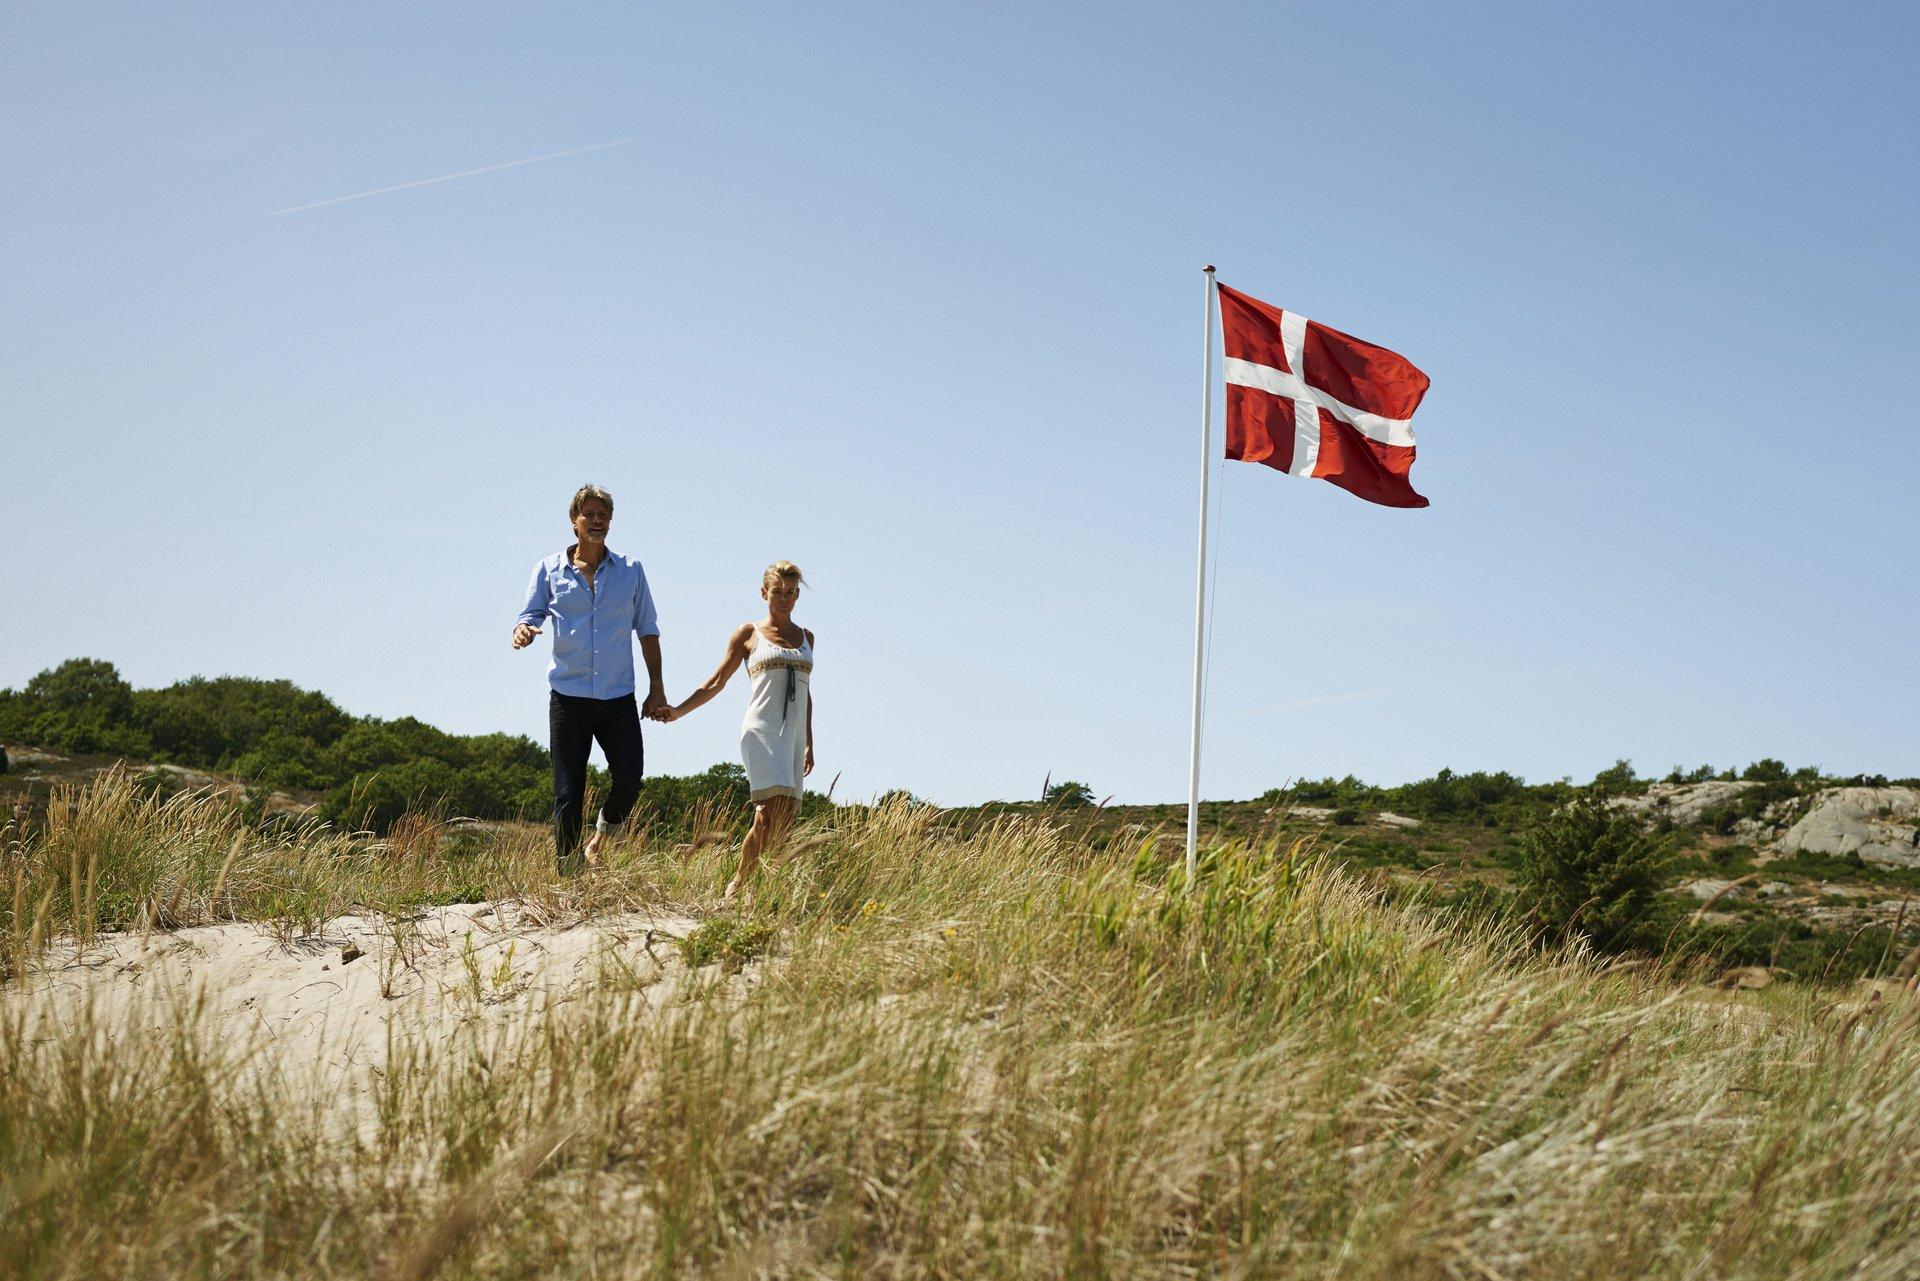 Bornholm har fire byer, Allinge, Gudhjem, Rønne og Nexø blandt de ti mest søgte rejsemål for danskerne, viser tal fra Booking.com – arkivpressefoto fra Bornholm fra VisitDenmark: Niclas Jessen.